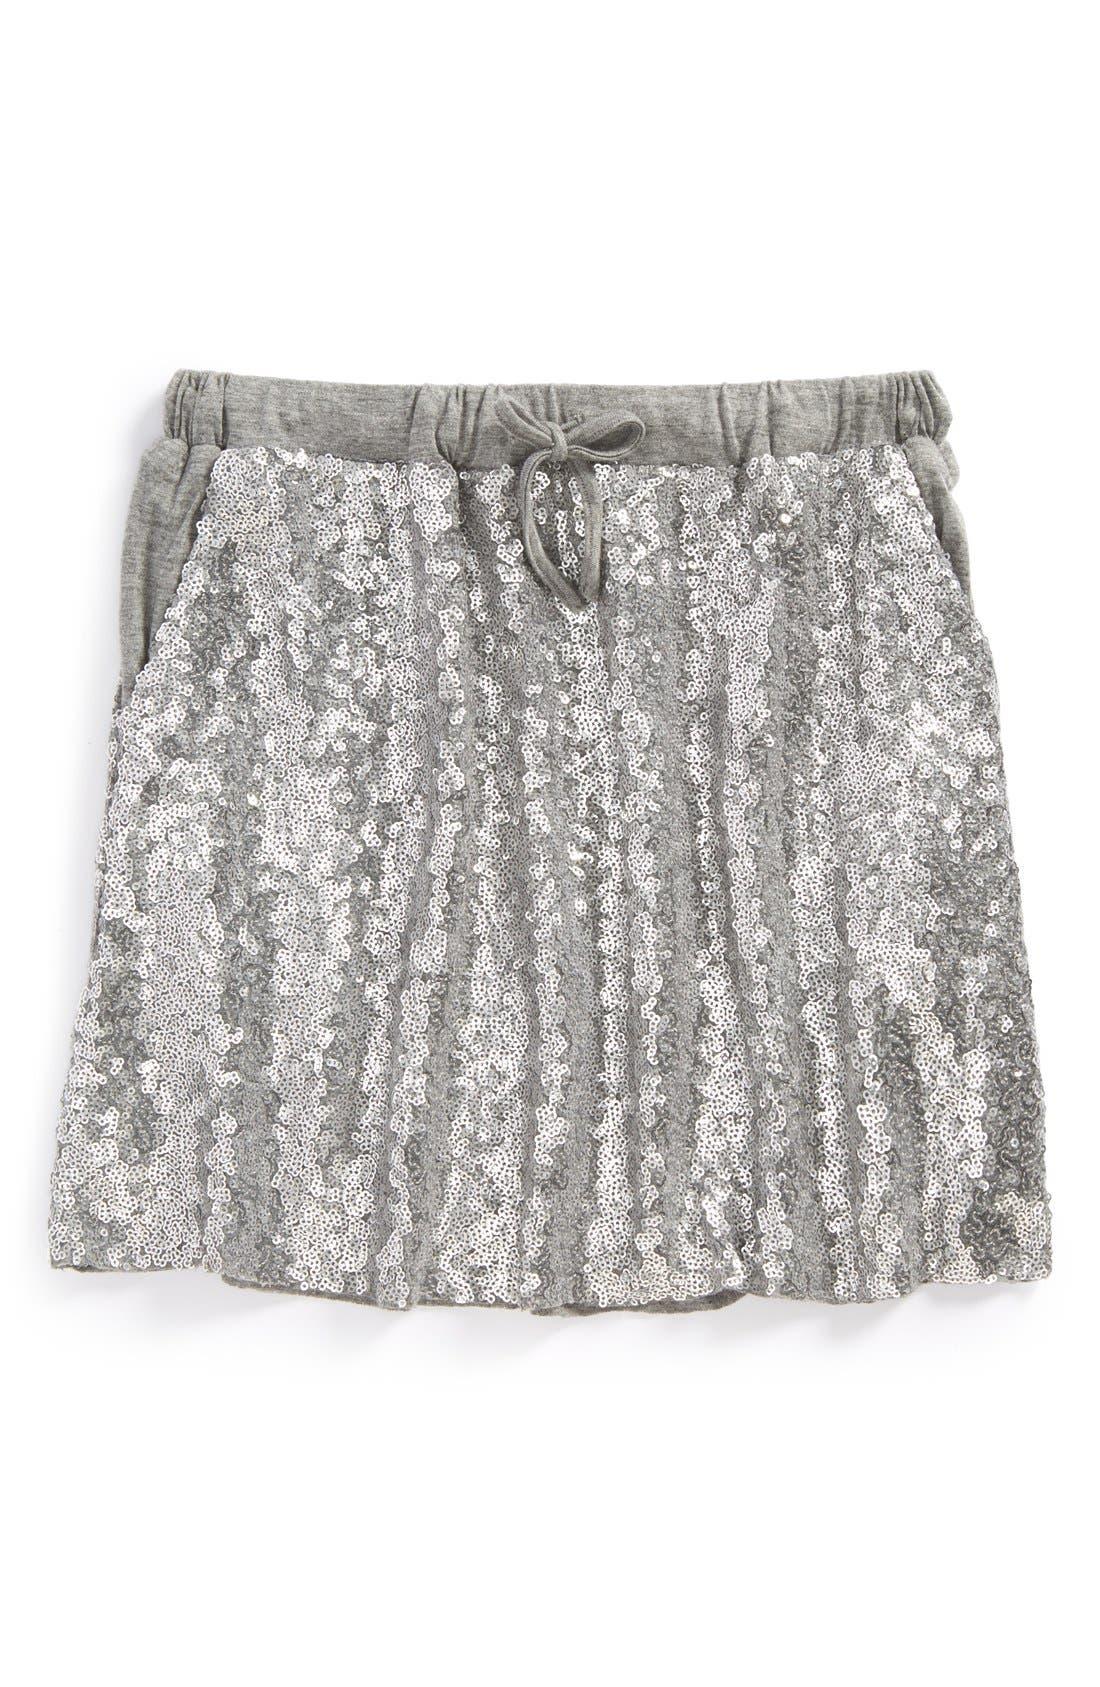 Alternate Image 1 Selected - Peek 'New Zoe' Sequin Skirt (Little Girls & Big Girls)